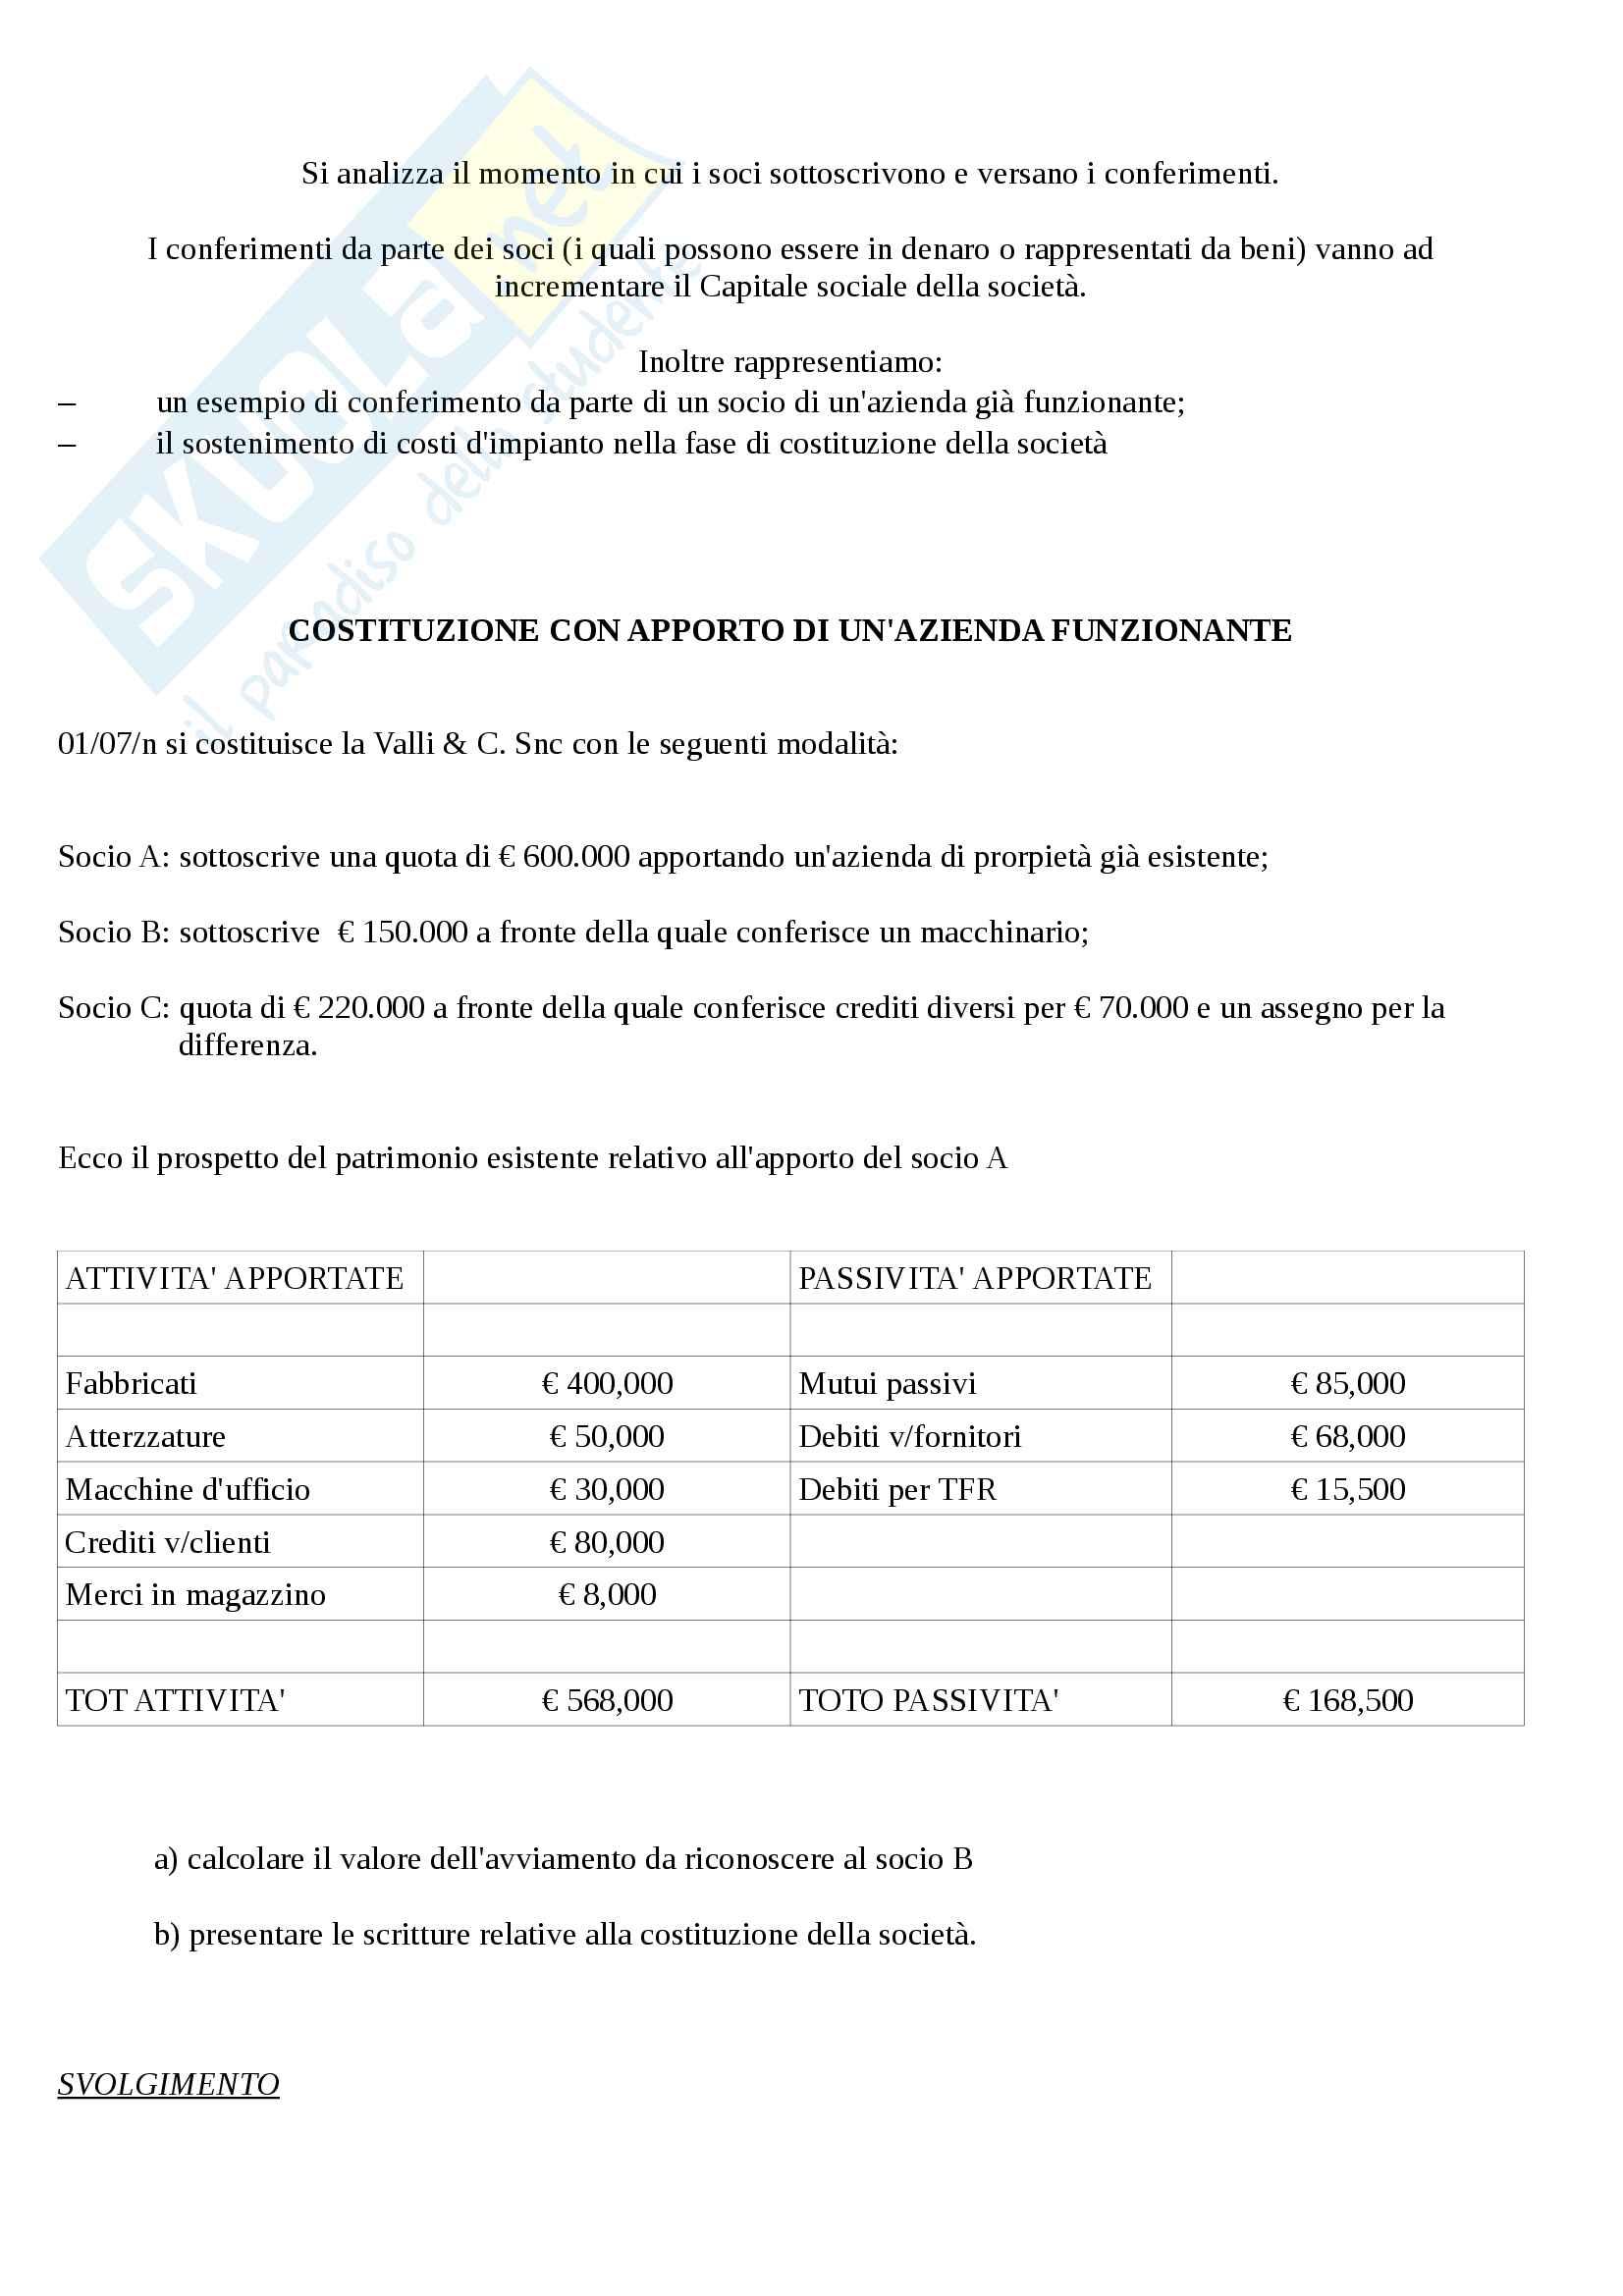 02 Costi d'impianto e conferimento azienda esistente